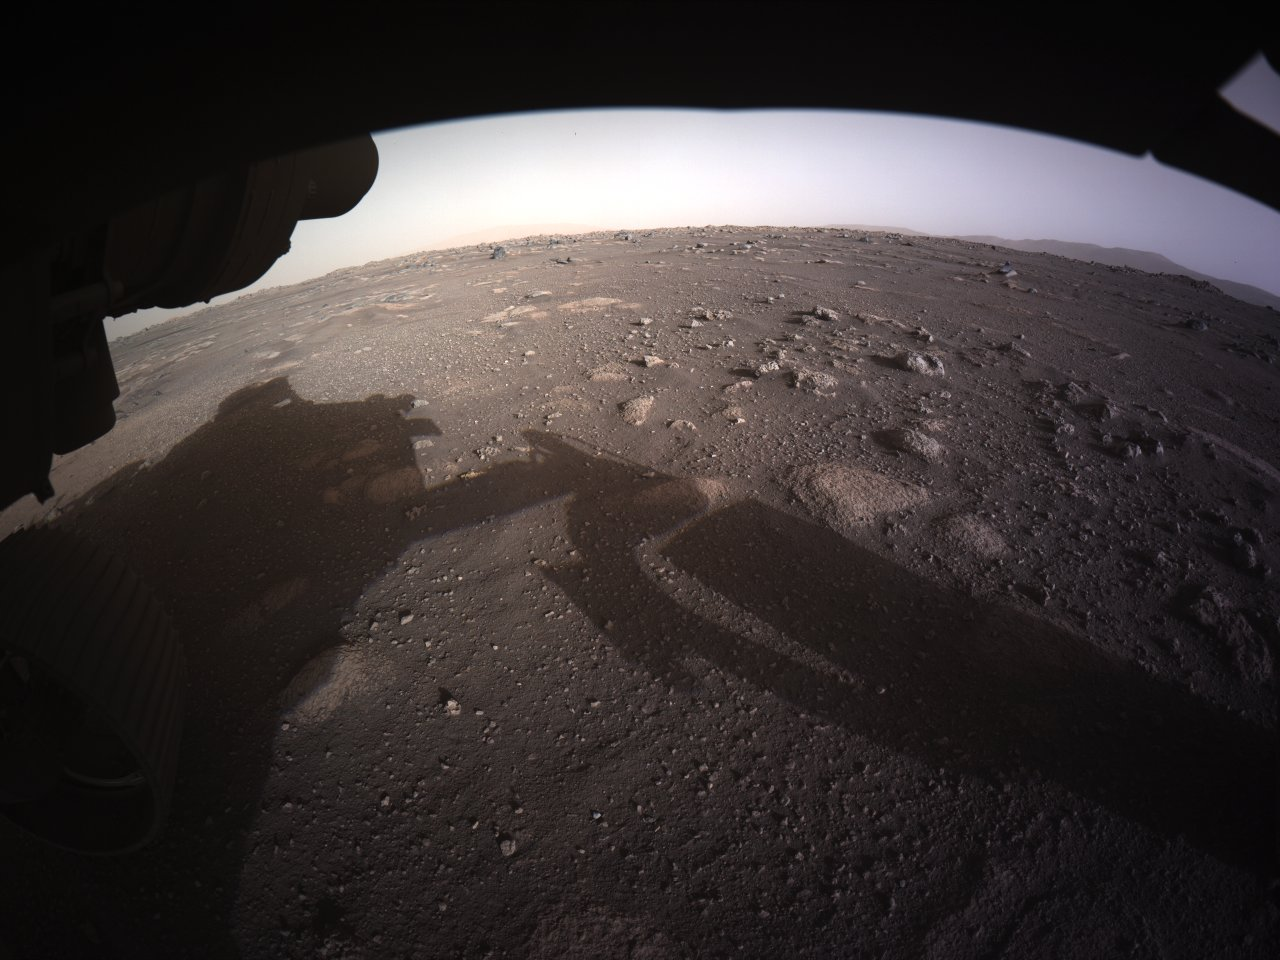 Снимки дня. Цветные фотографии с Марса от Perseverance